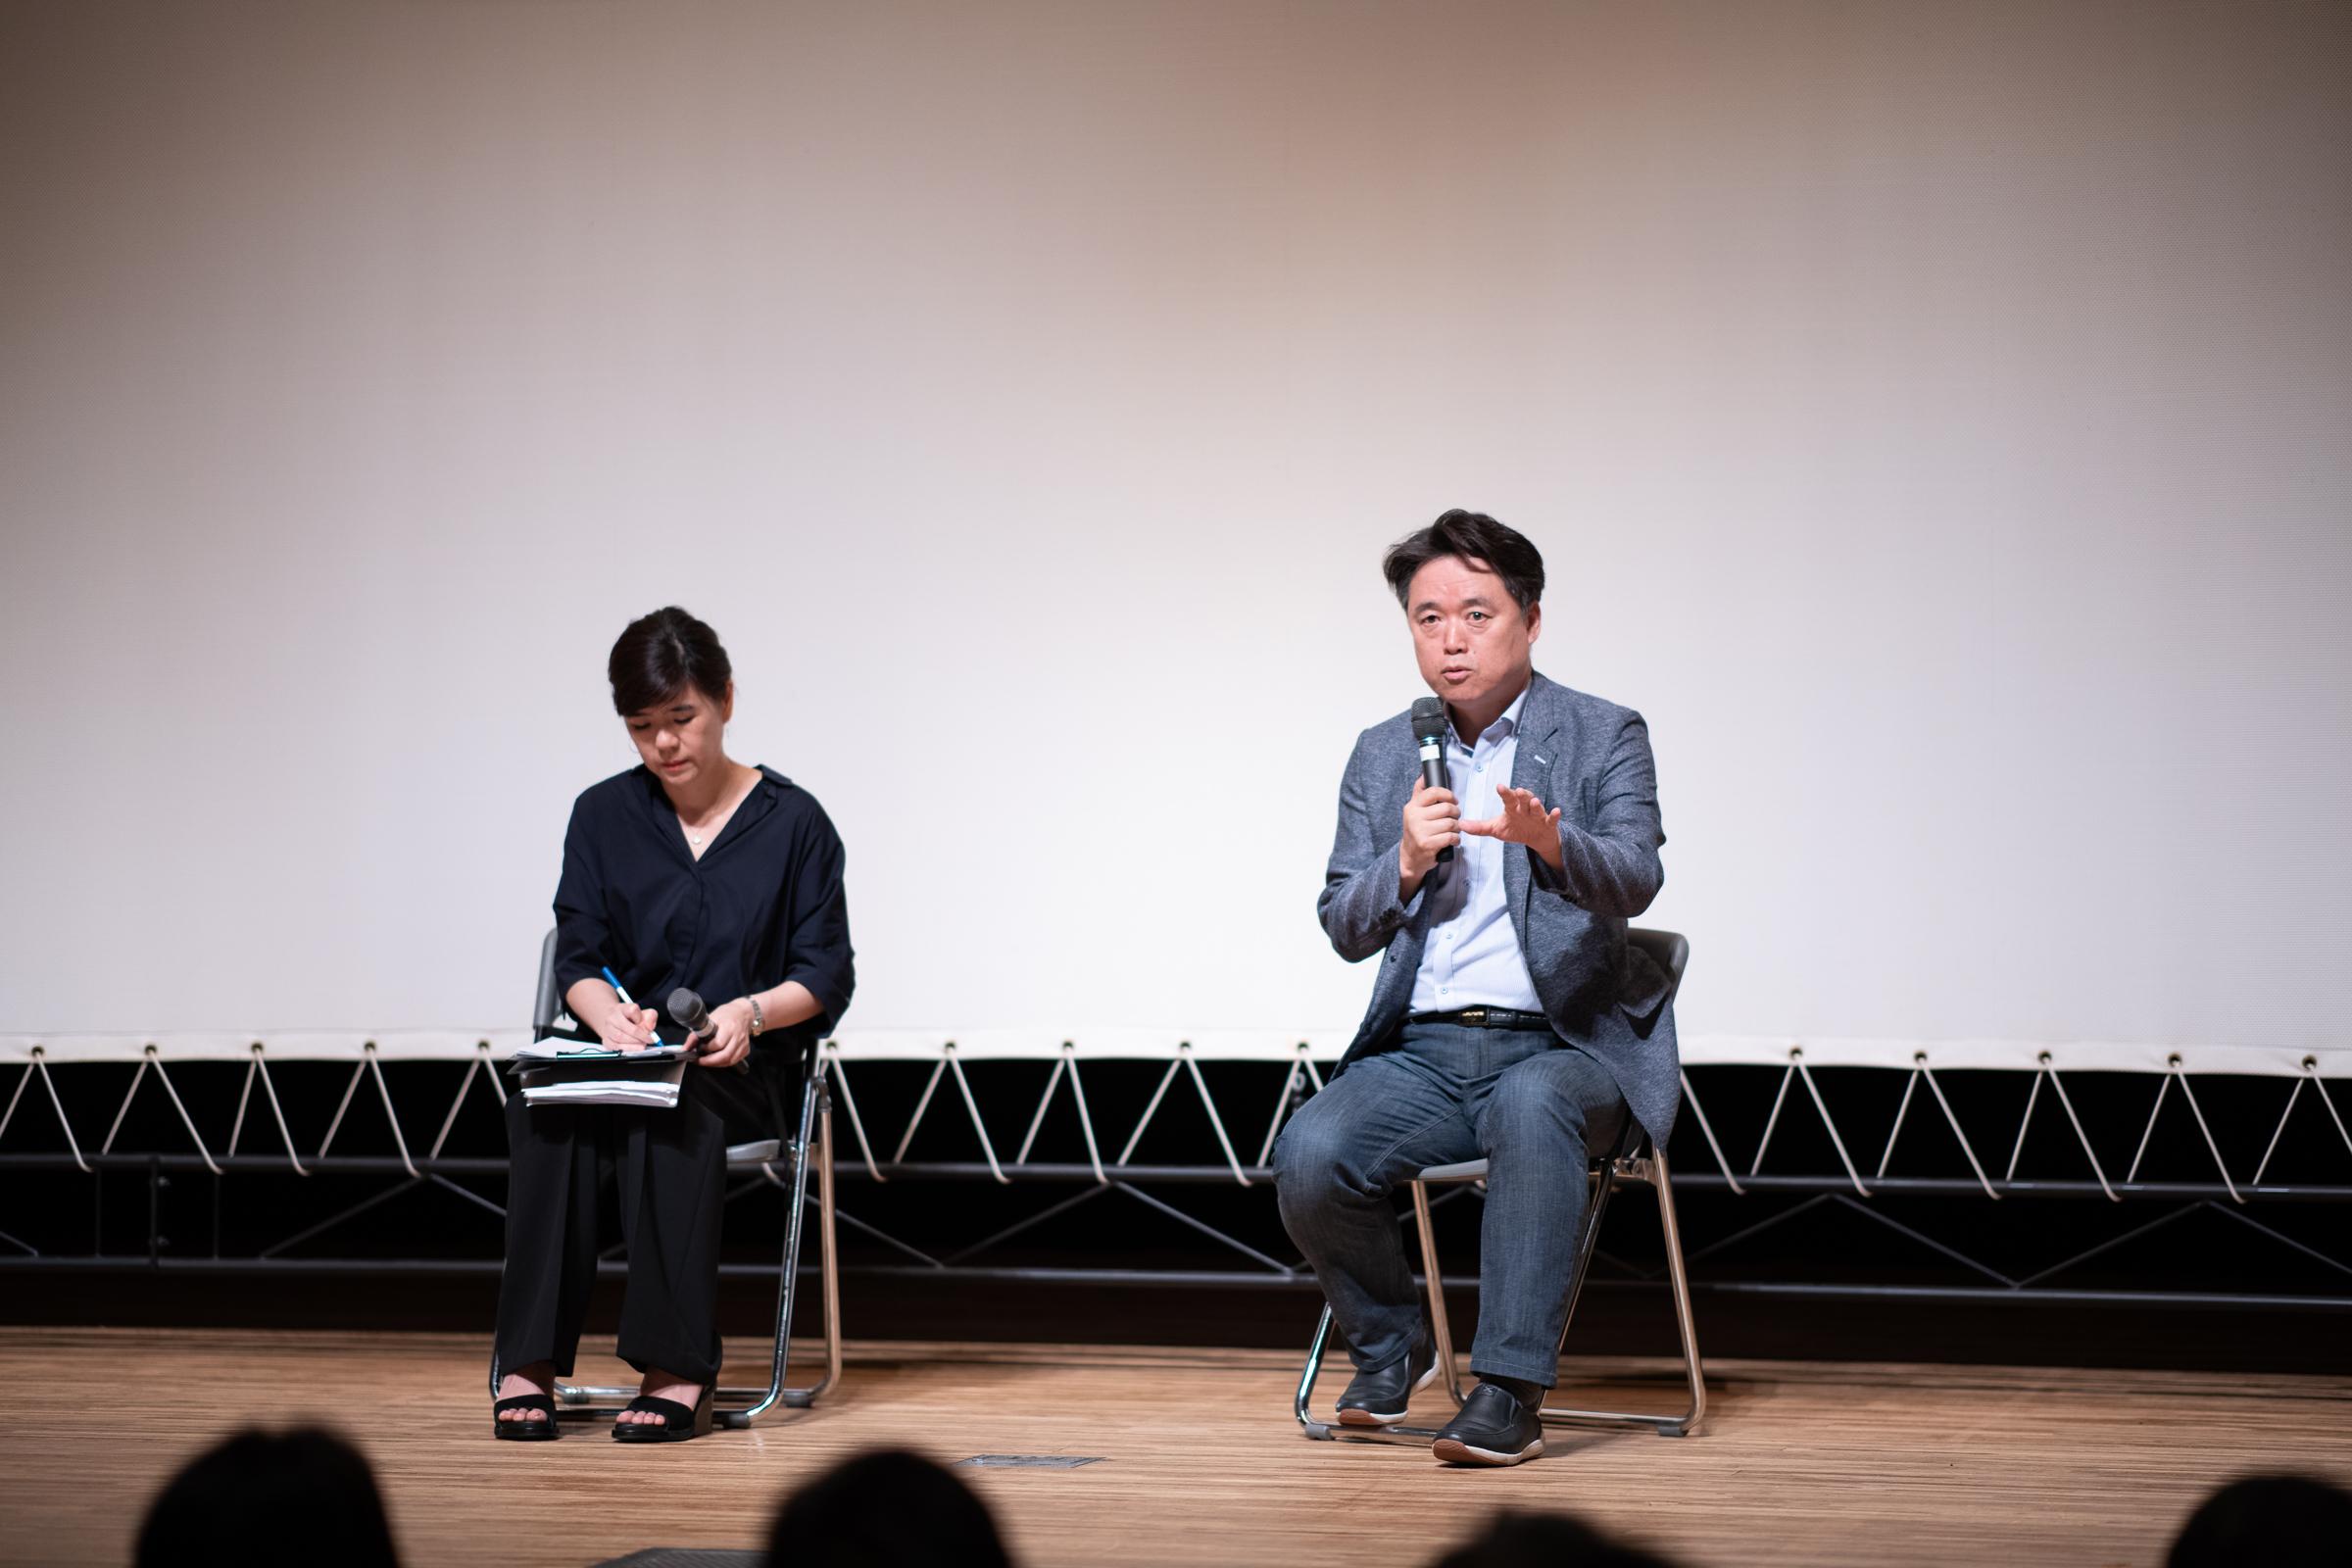 최승호 감독이 9일 오후 도쿄 나카노구 나카노제로홀에서 영화 <공범자들>에 대한 얘기를 하고 있다.